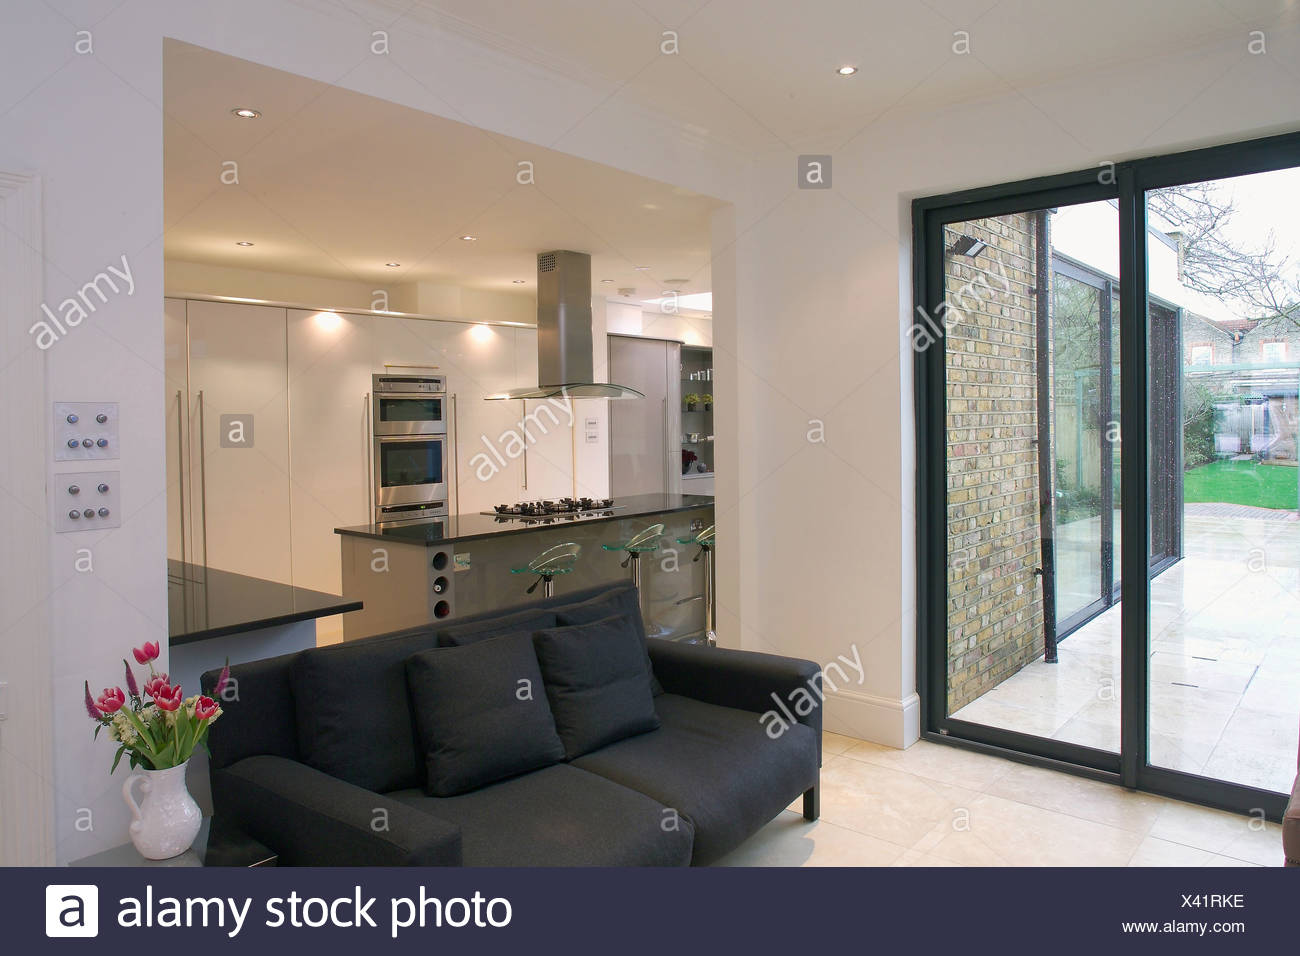 Terrassentüren Und Schwarzen Sofa In Moderne Offene Wohnzimmer Und